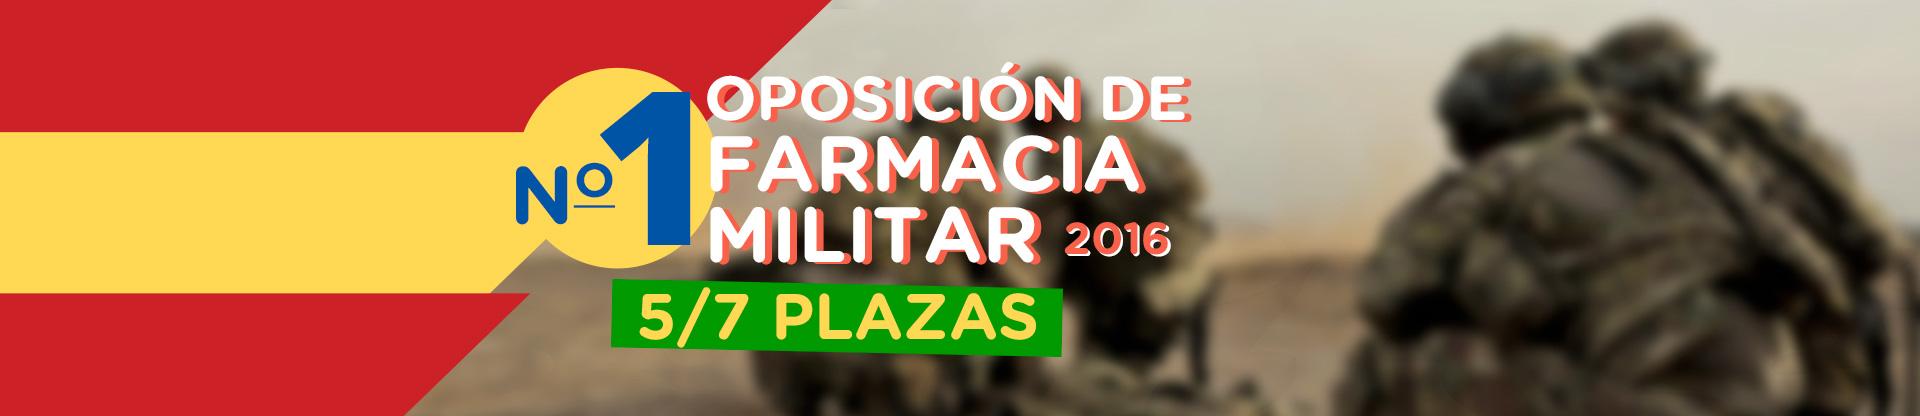 De nuevo número 1 -Oposición Farmacéutico Militar-,  5/7 Plazas y número 1 en todas las pruebas por separado